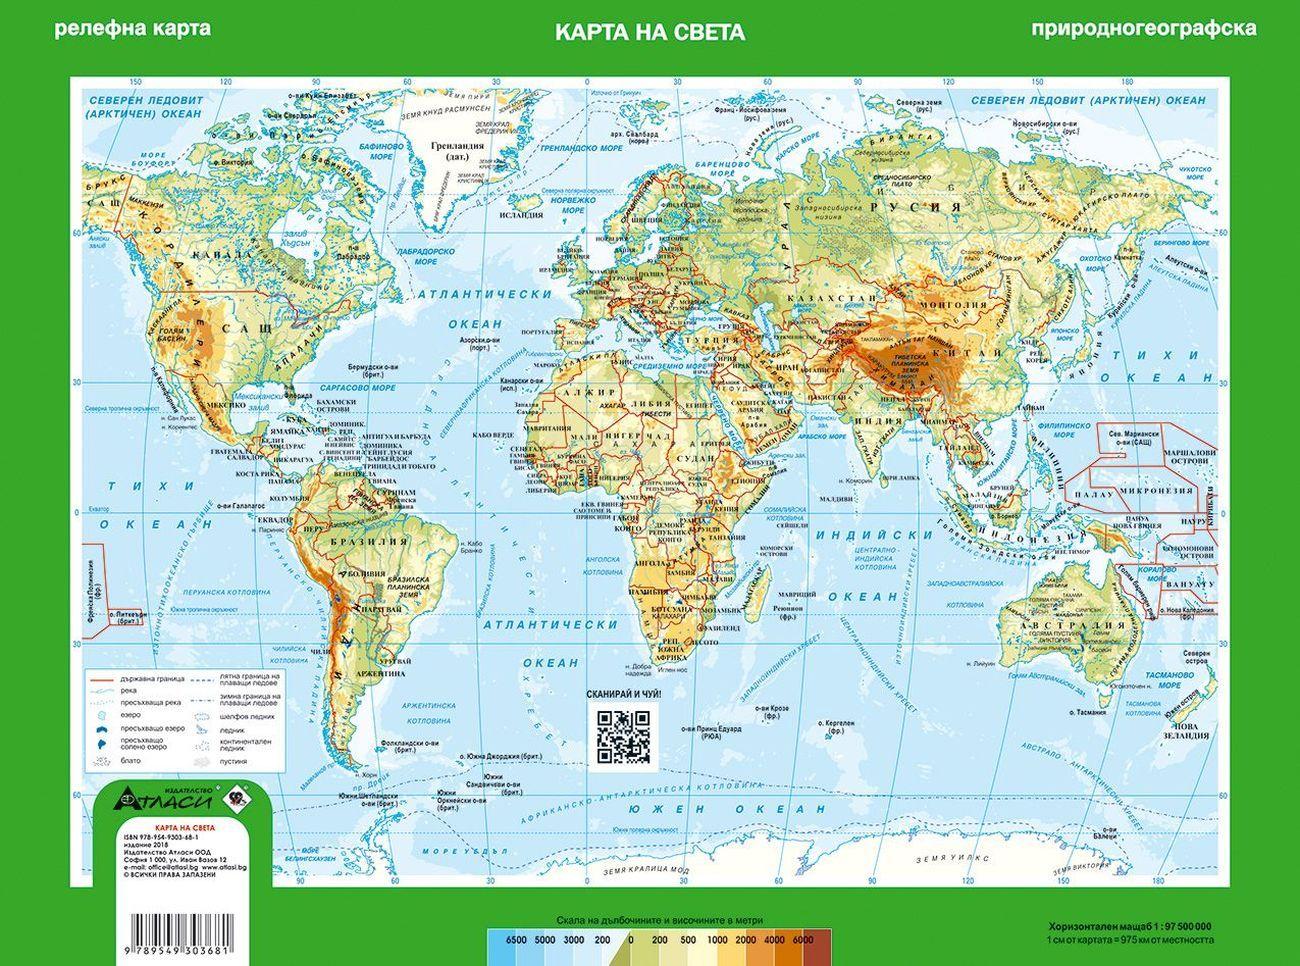 Relefna Karta Na Sveta 1 97 500 500 Ozone Bg